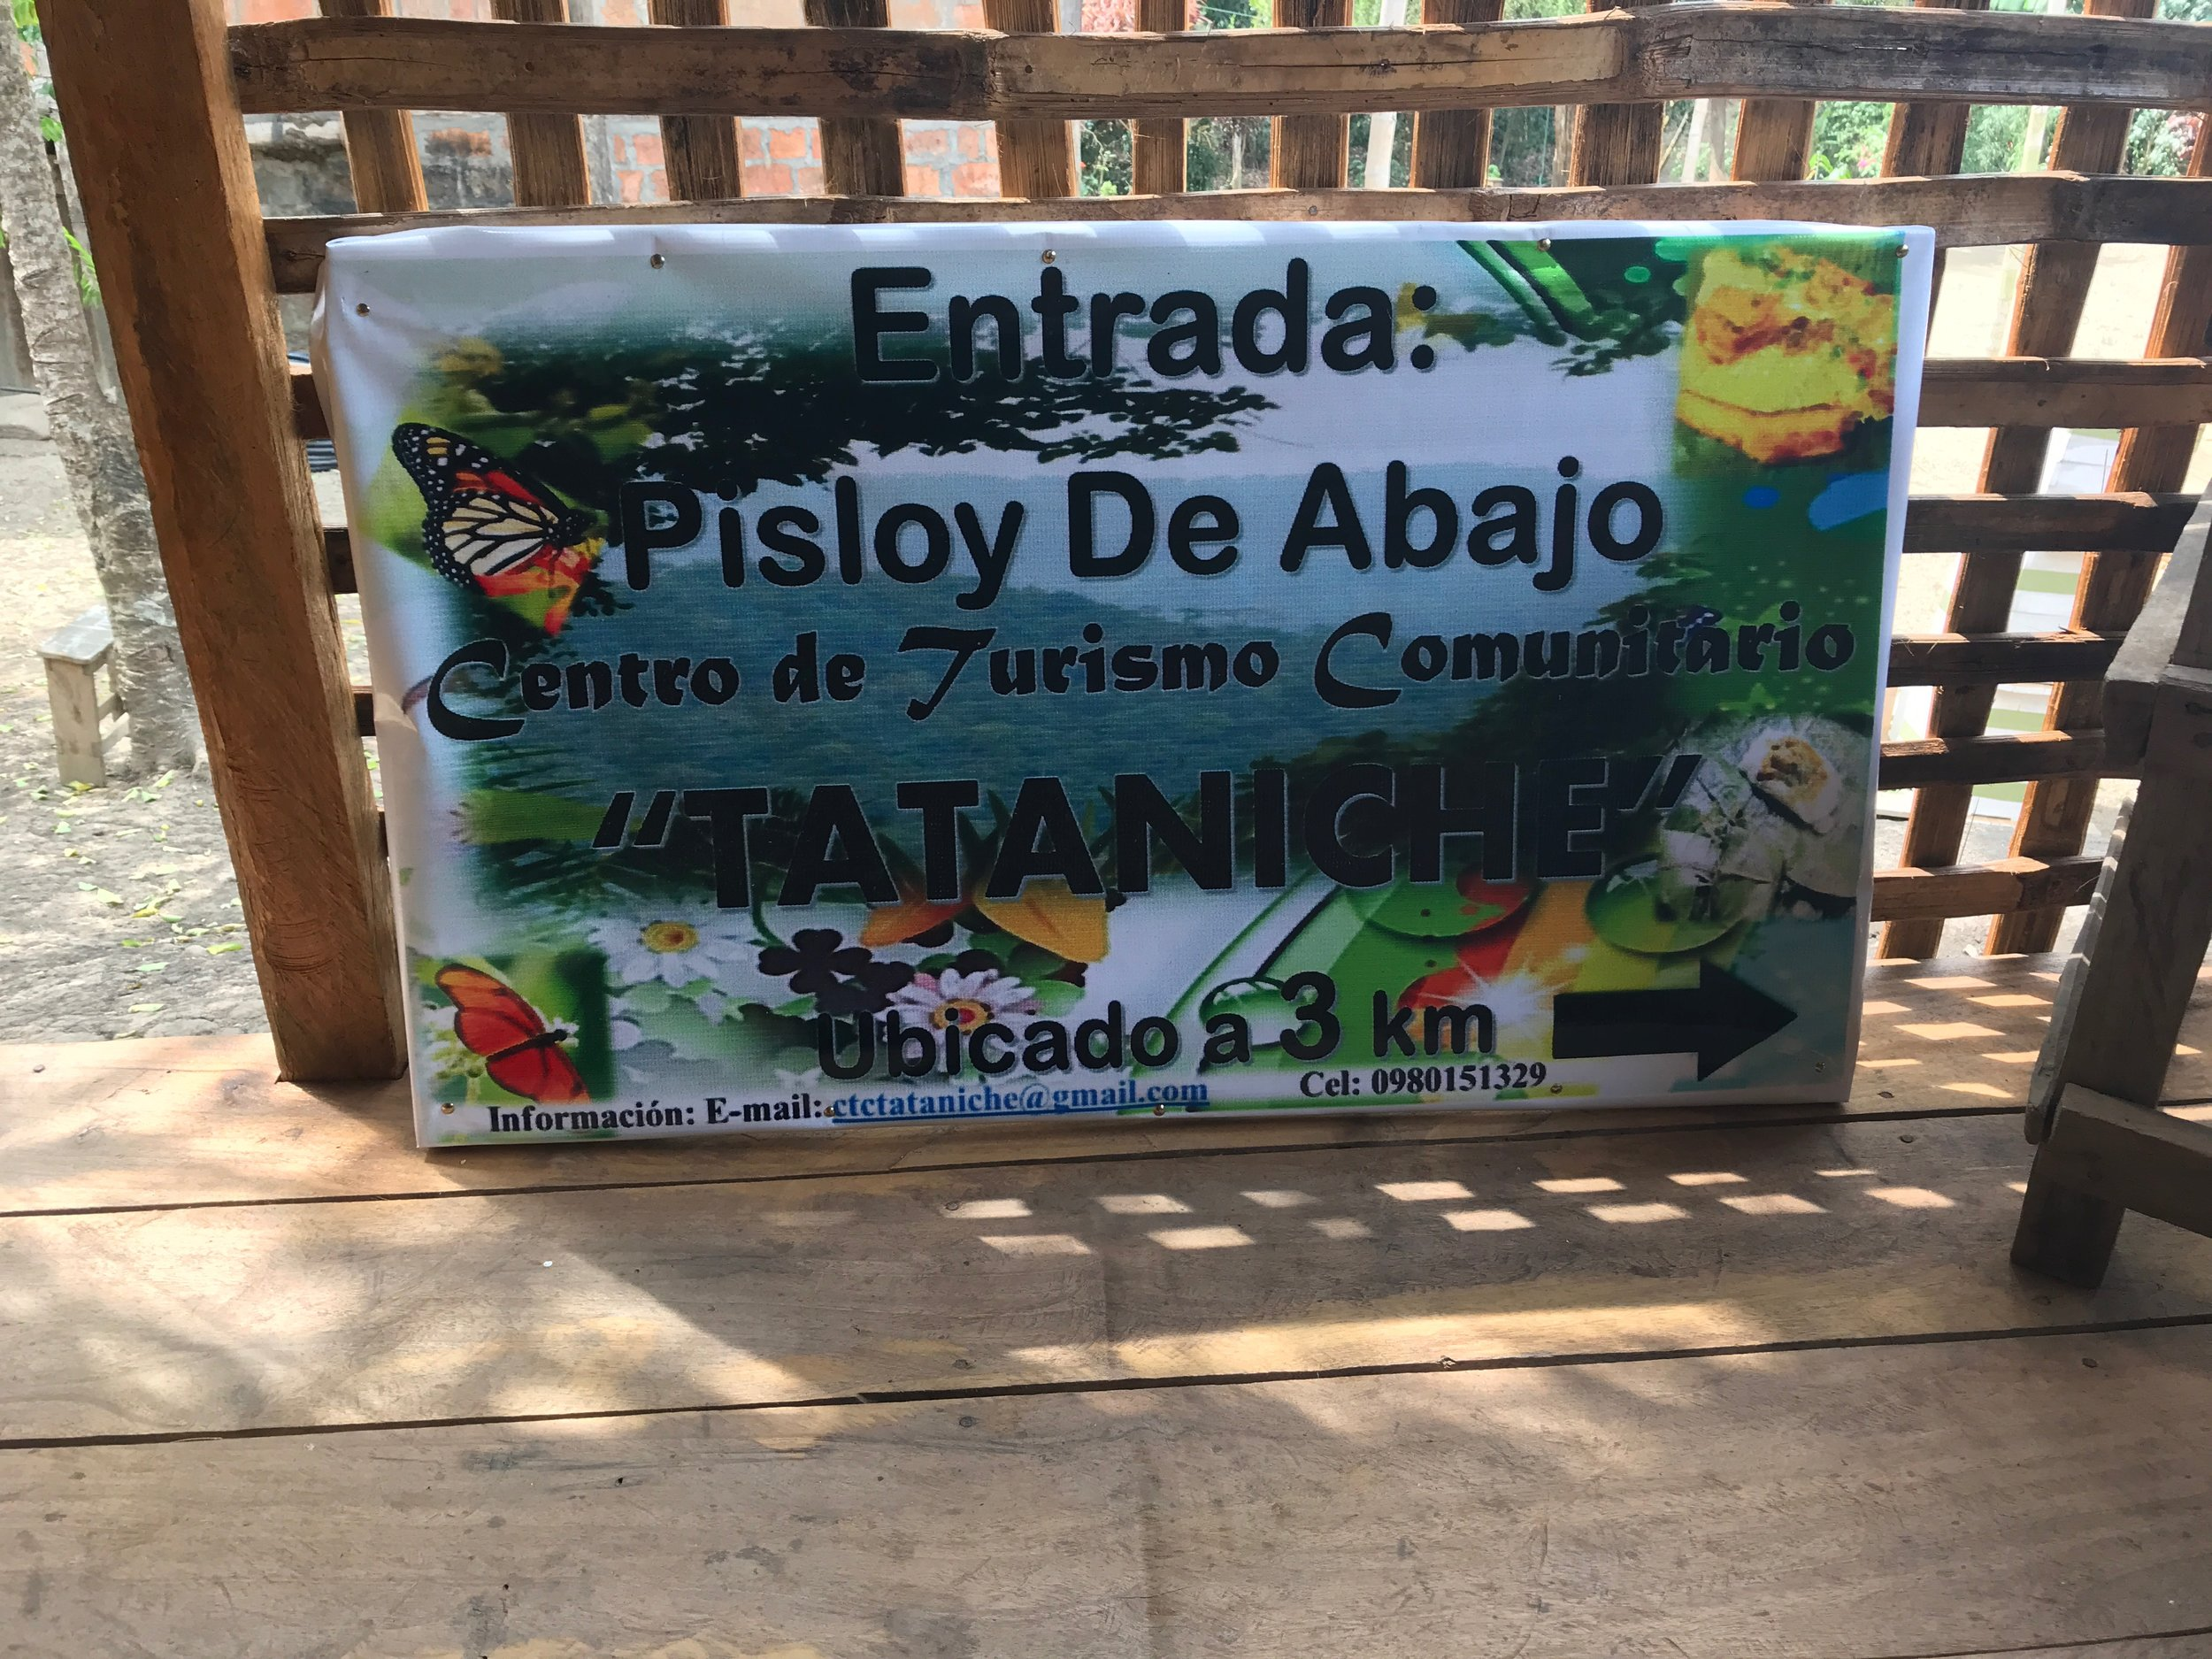 Pisloy Ecuador Tataniche